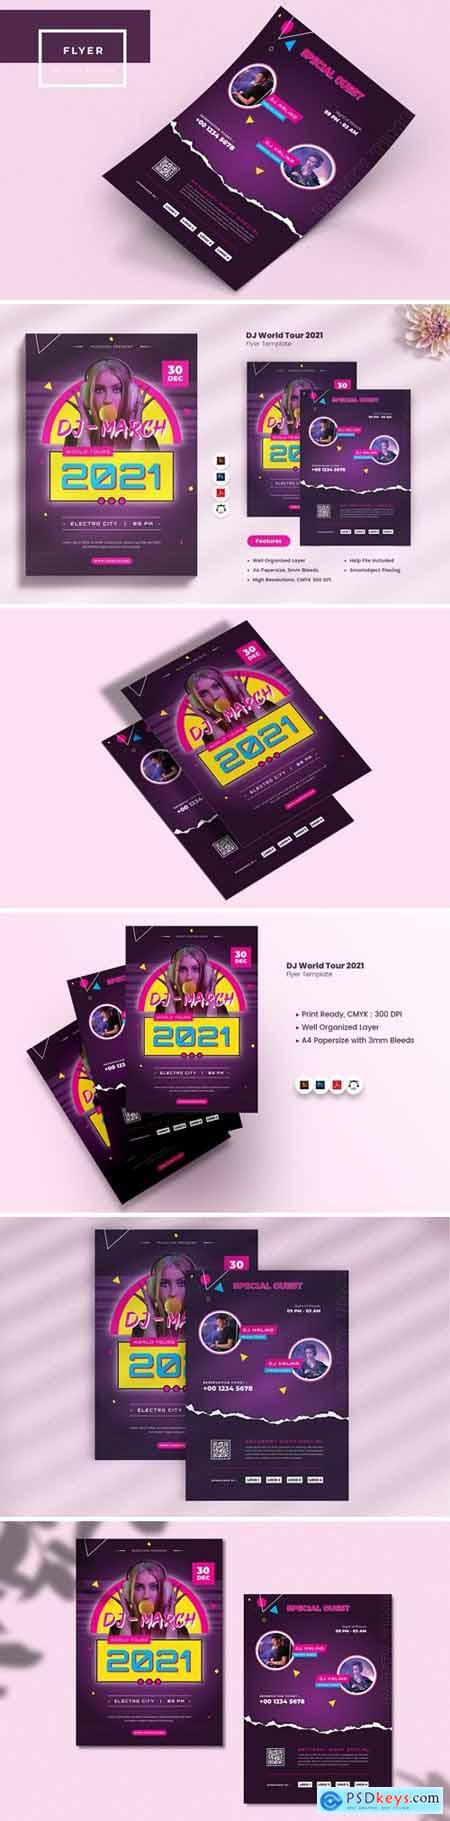 DJ World Tour 2021 Flyer